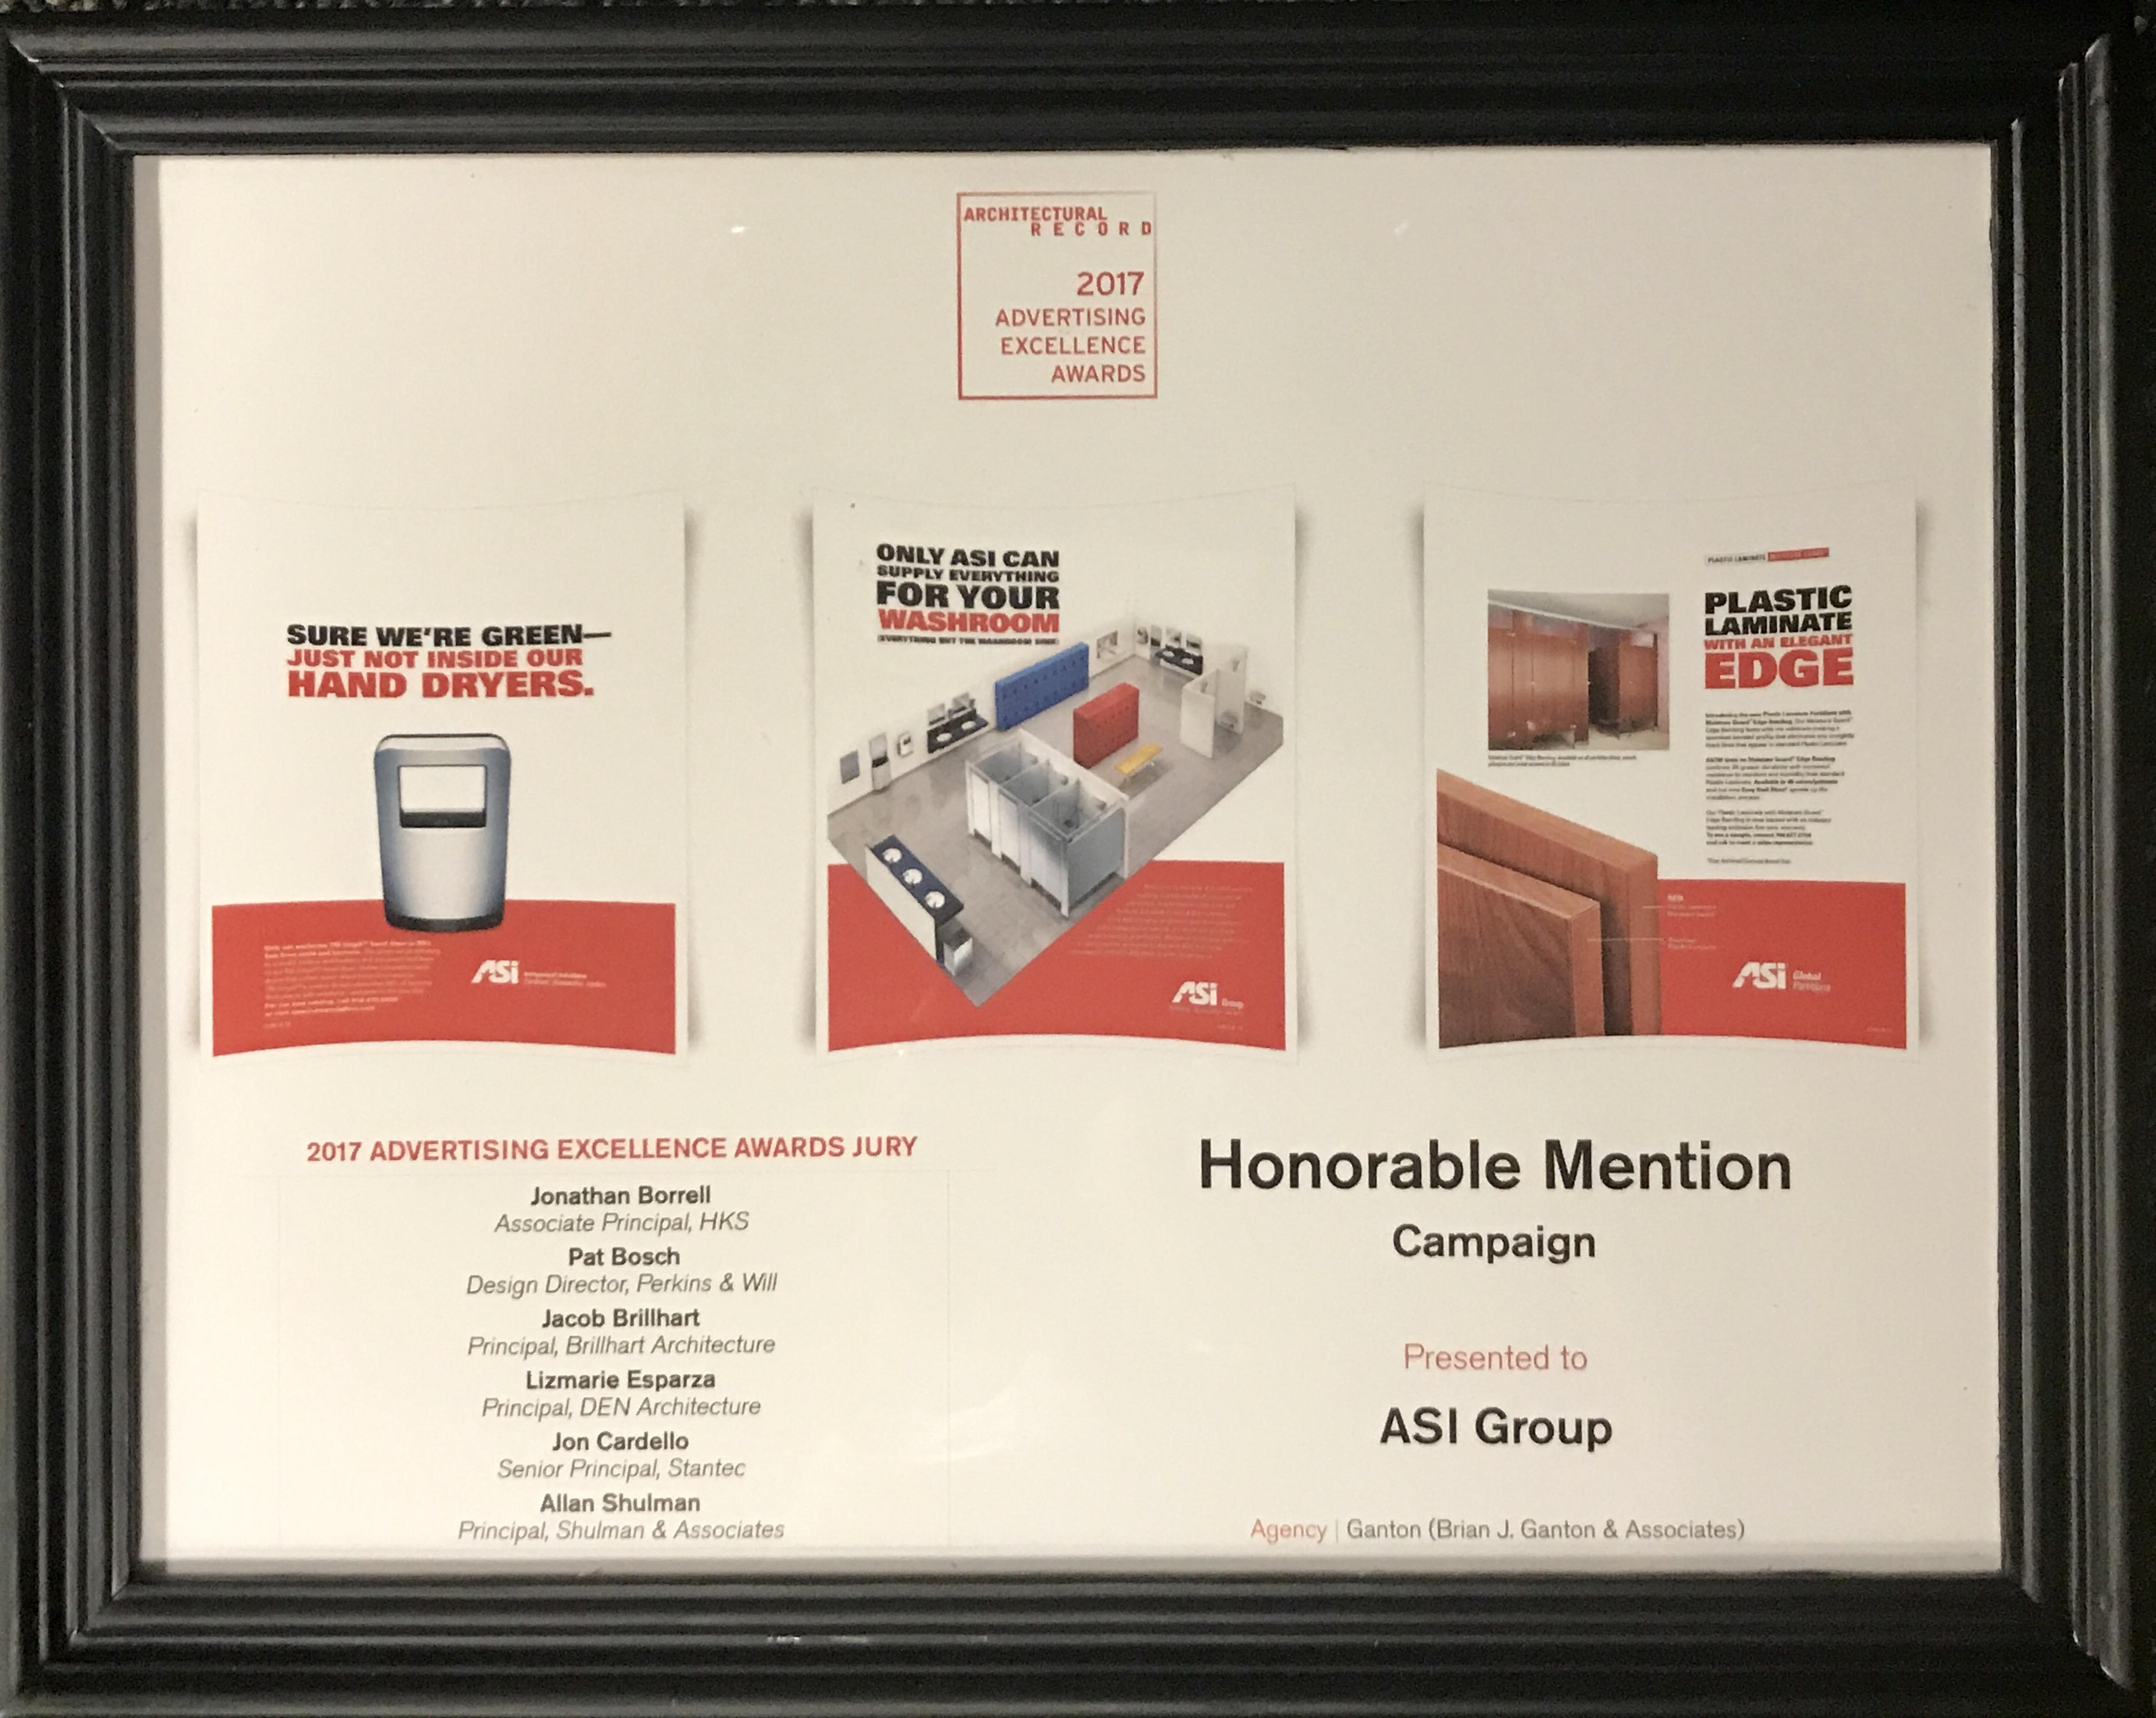 AIA '17 Award